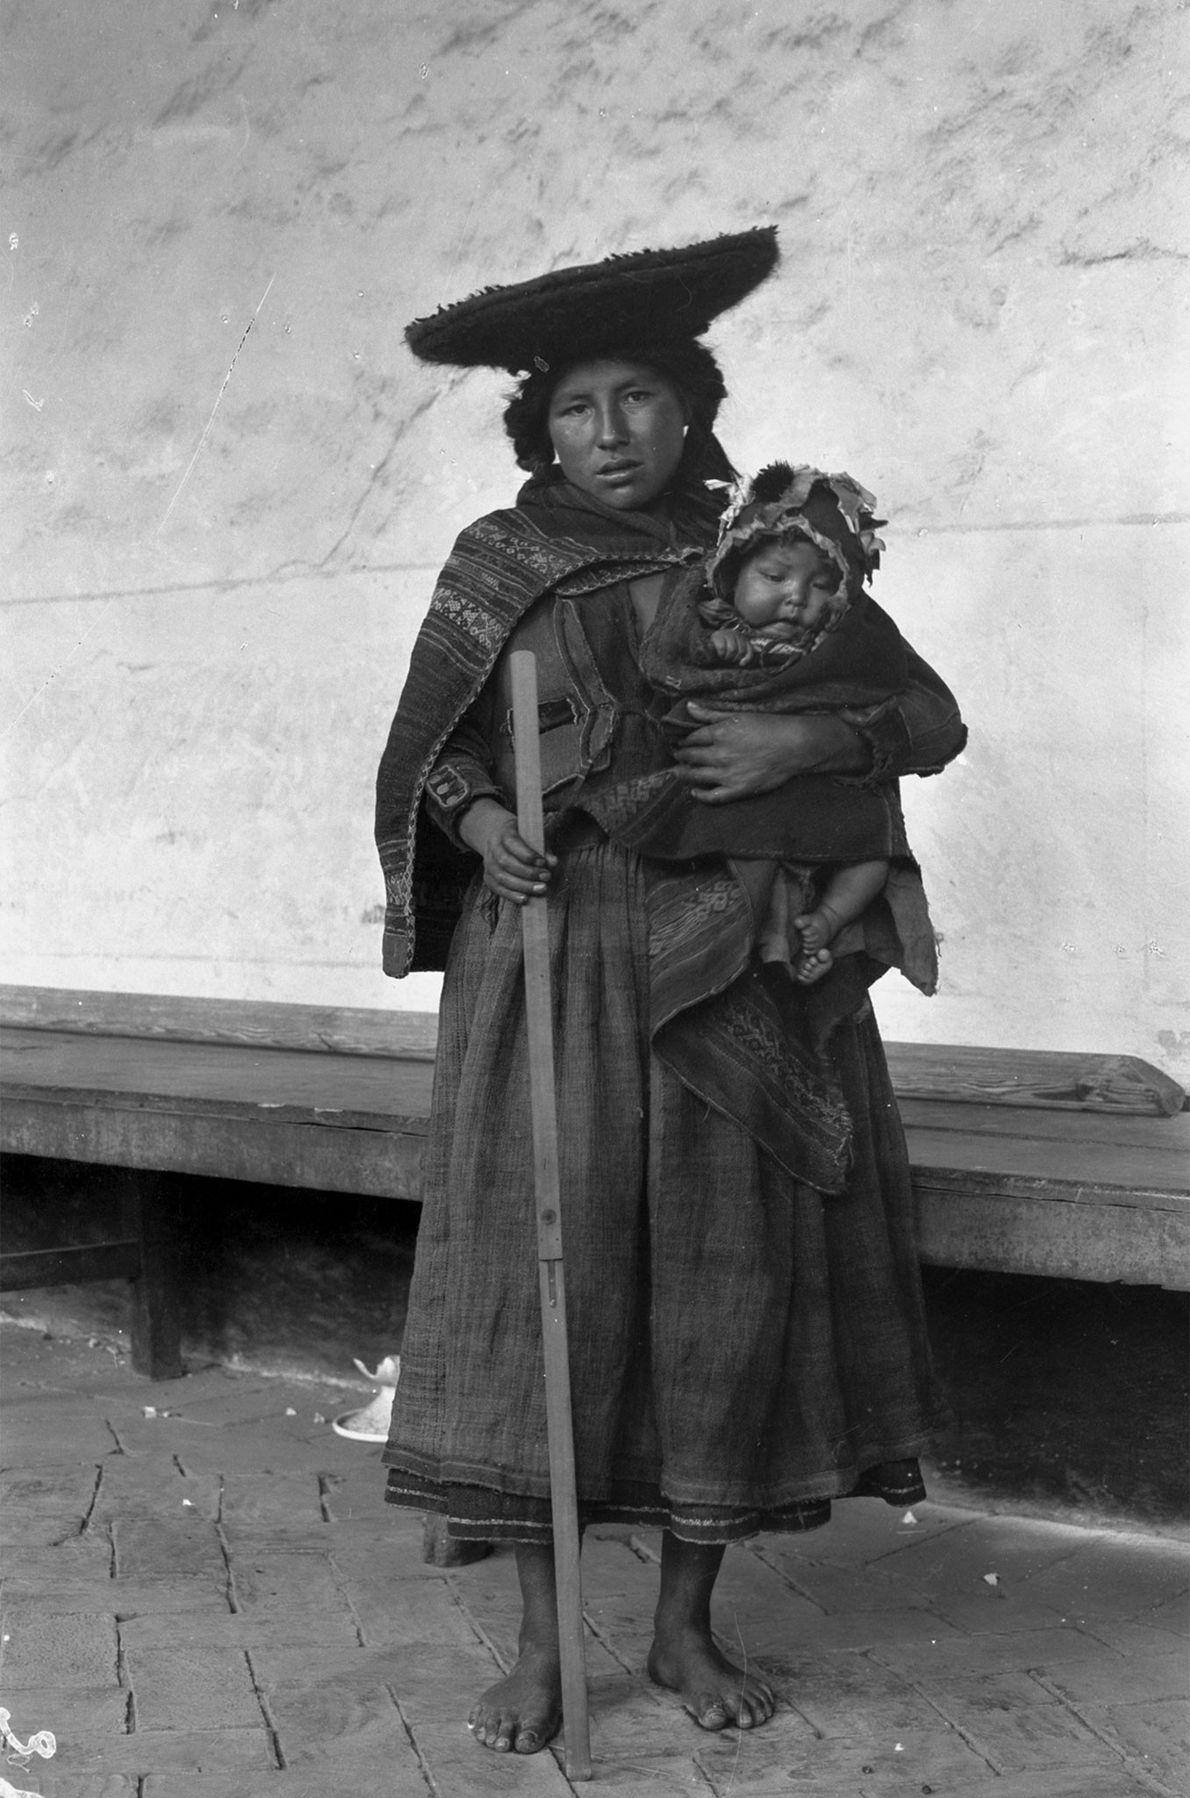 Uma mulher posa para a fotografia com um bebé ao colo.